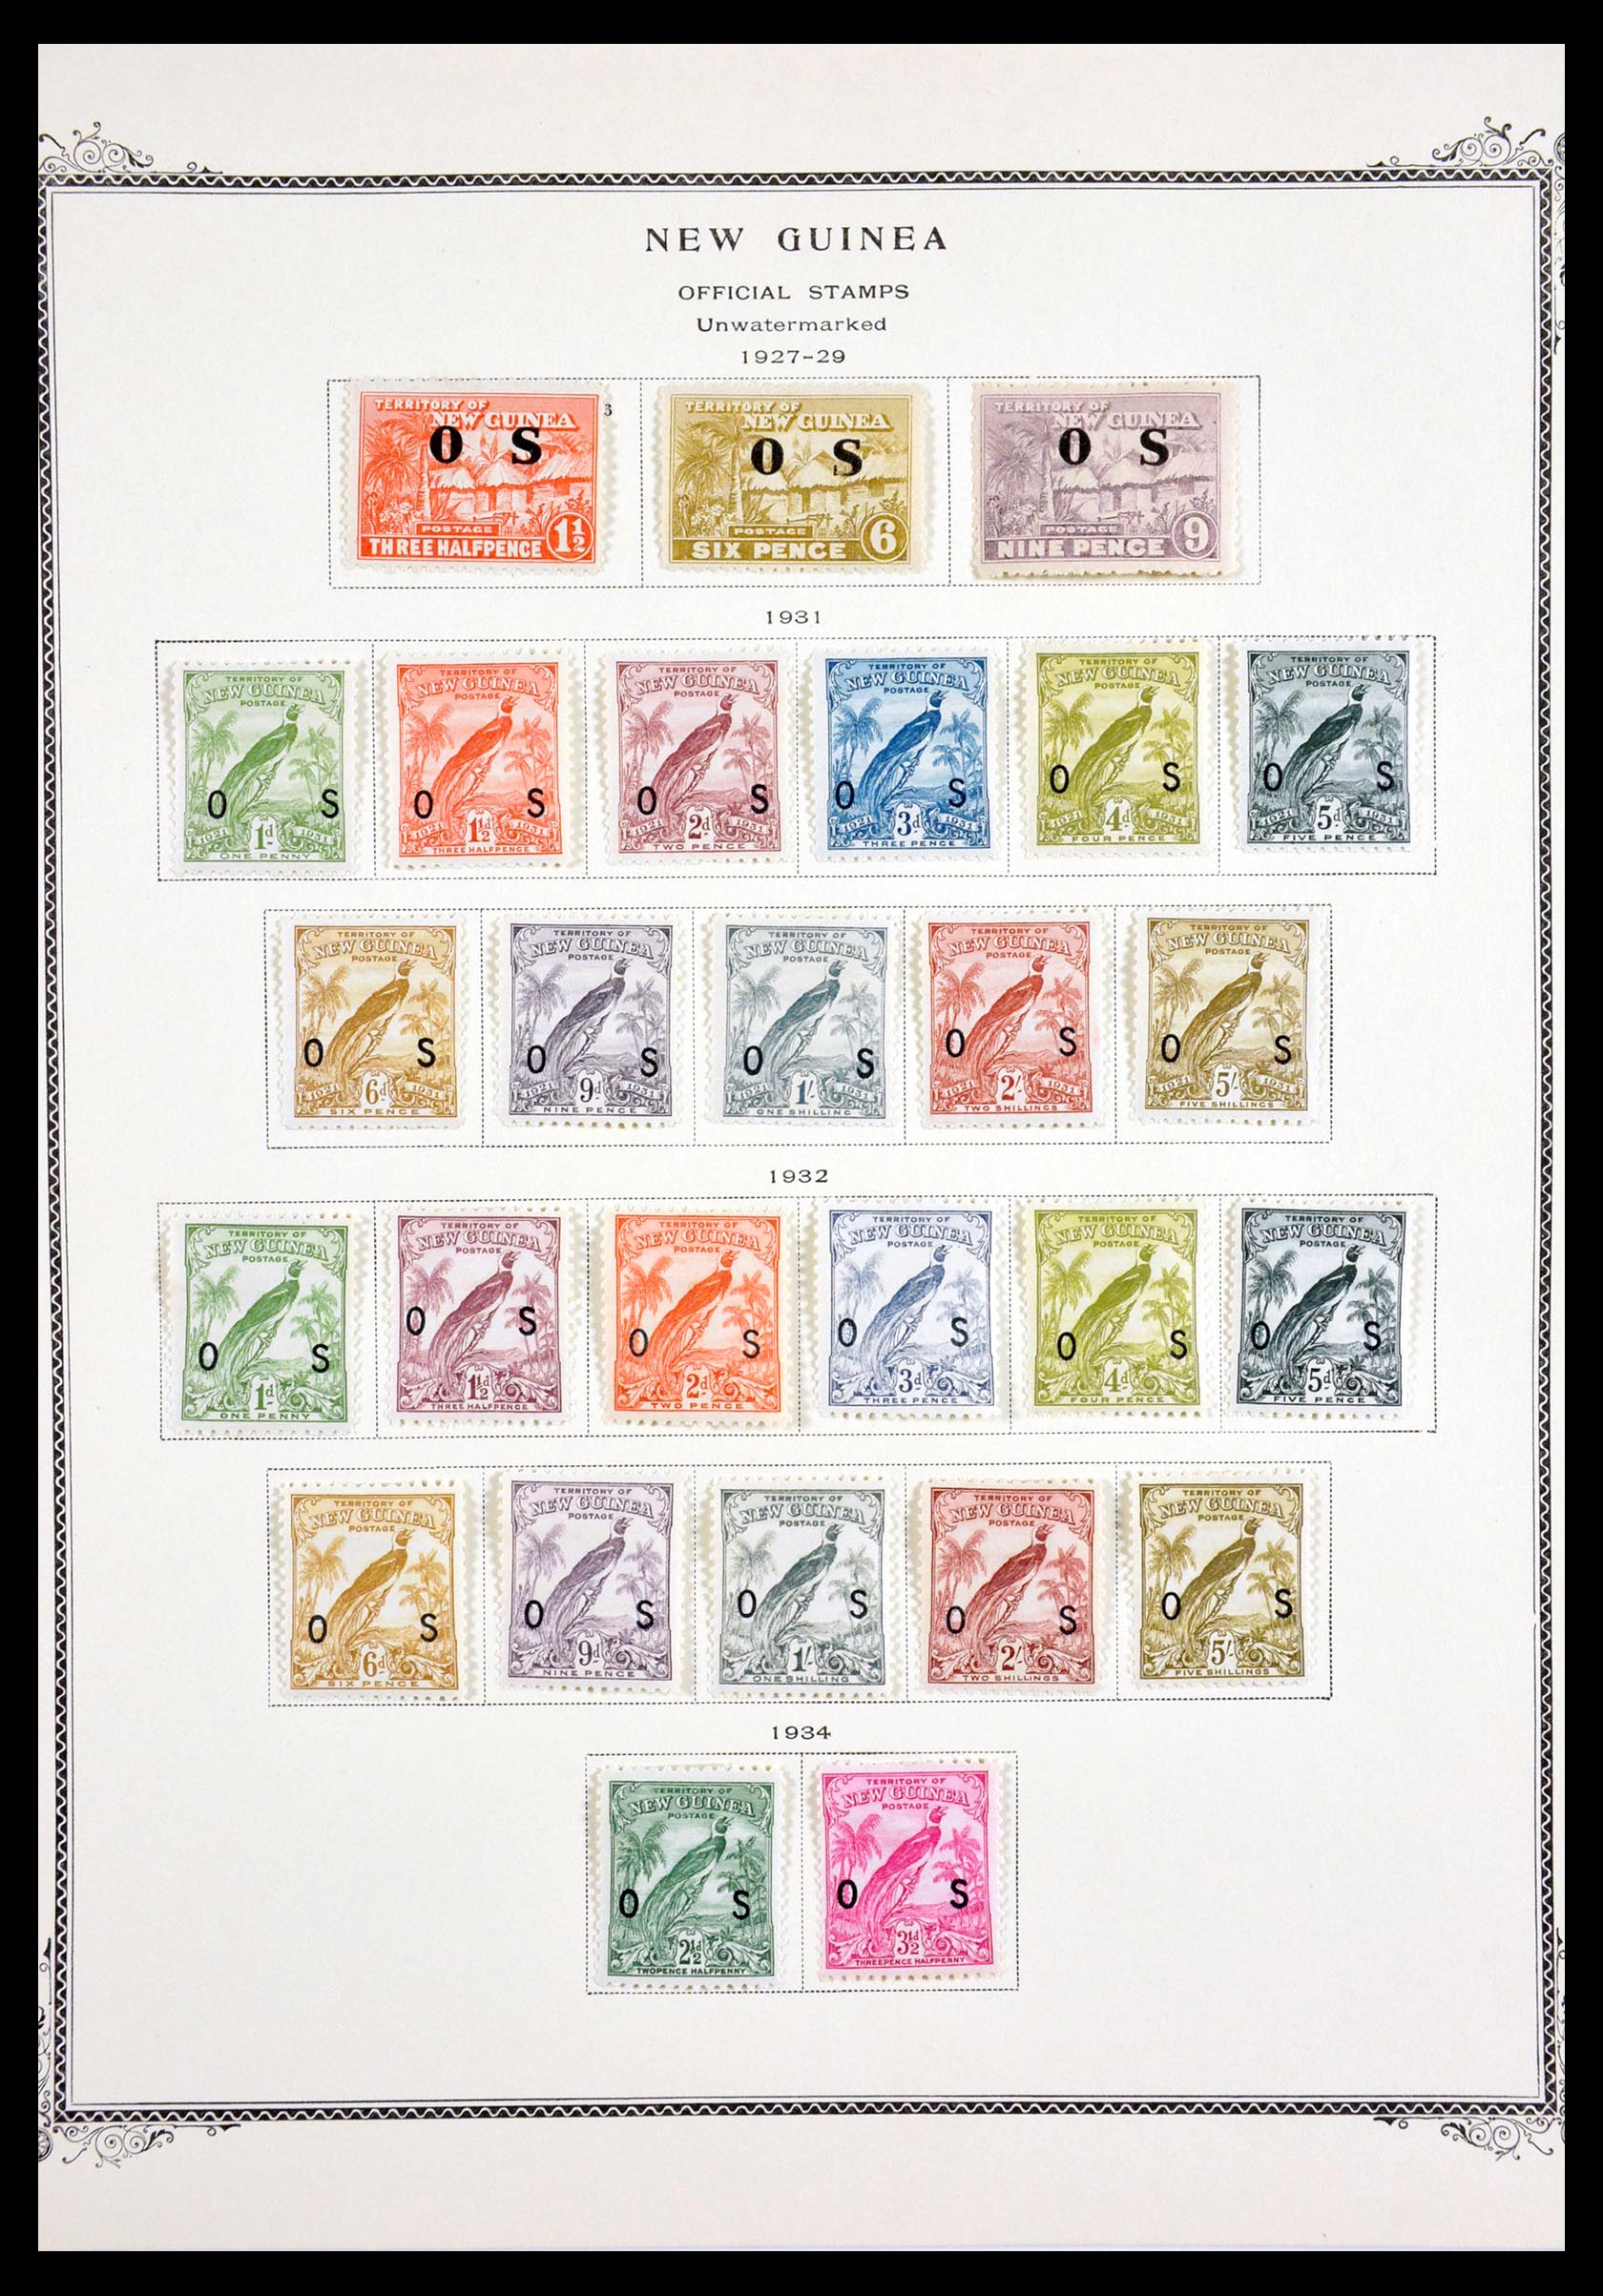 29615 008 - 29615 Nieuw Guinea 1925-1937.